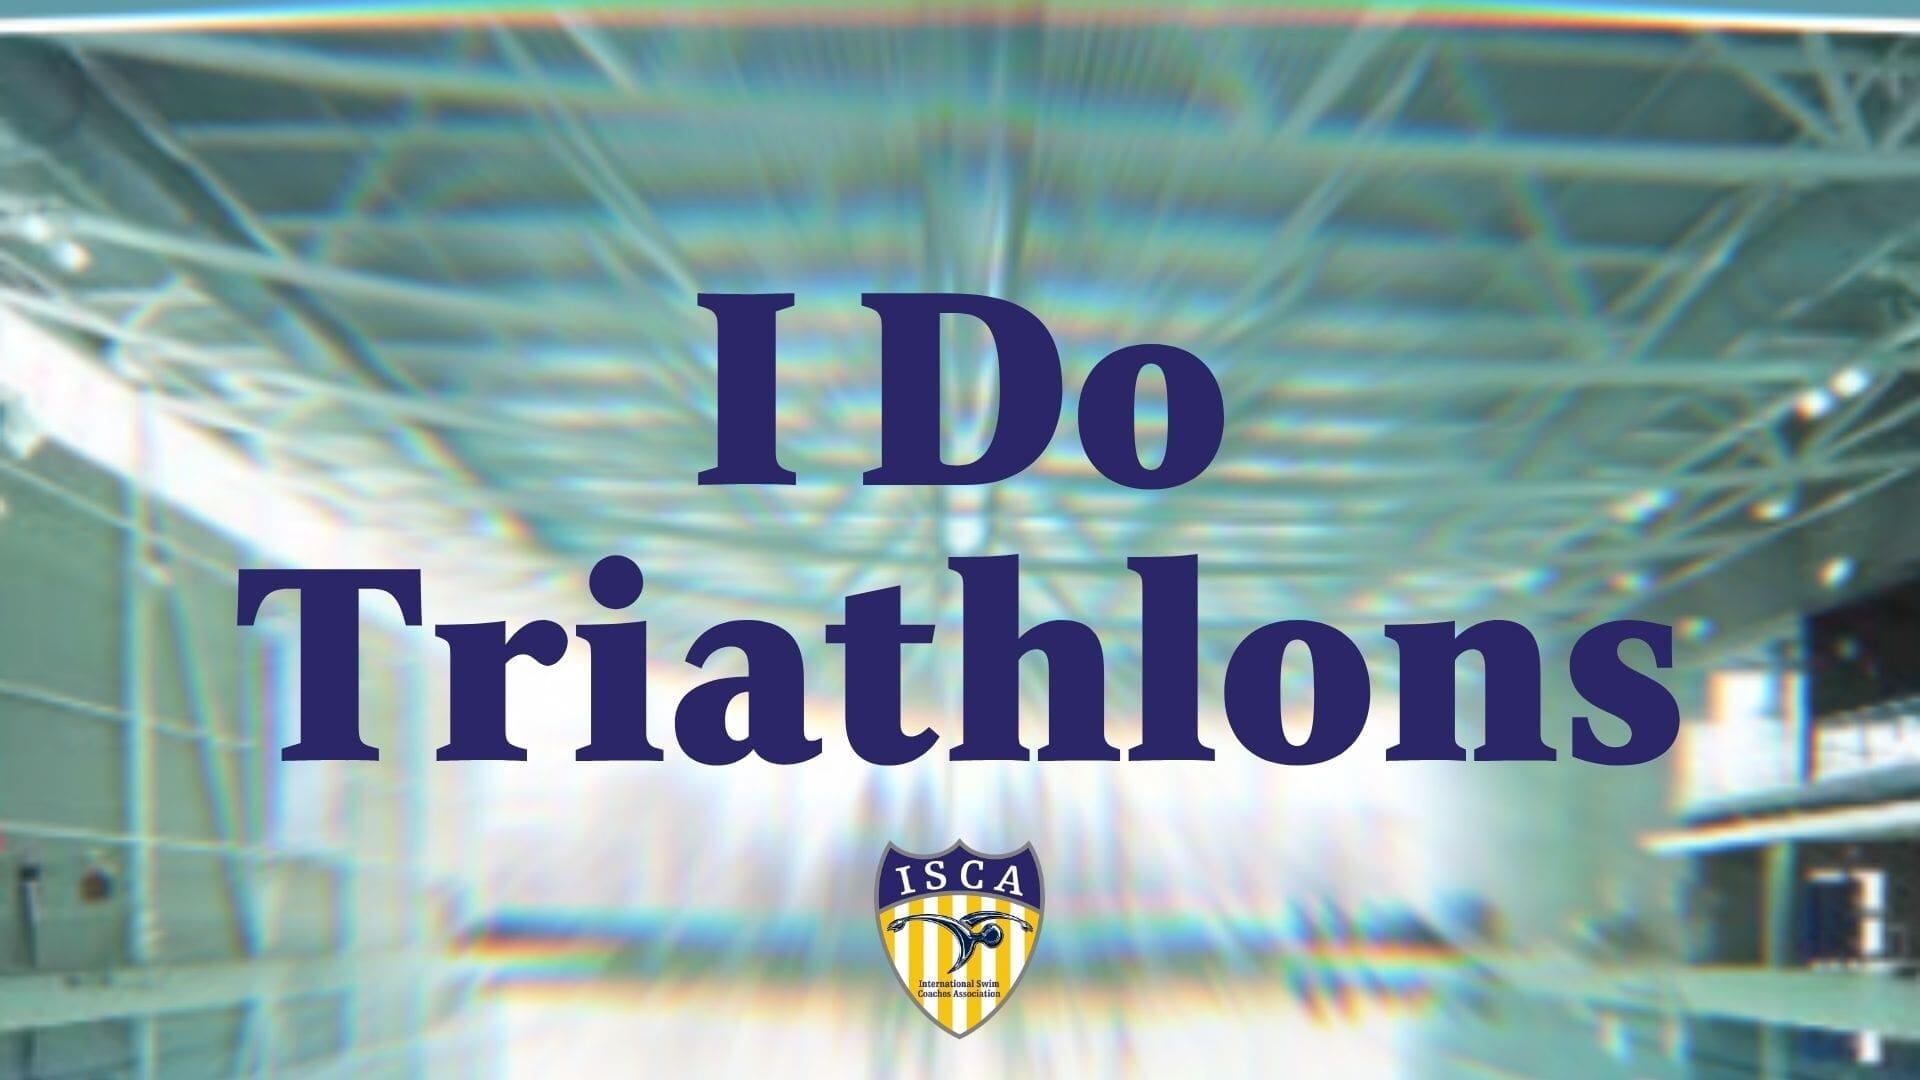 I Do Triathlons